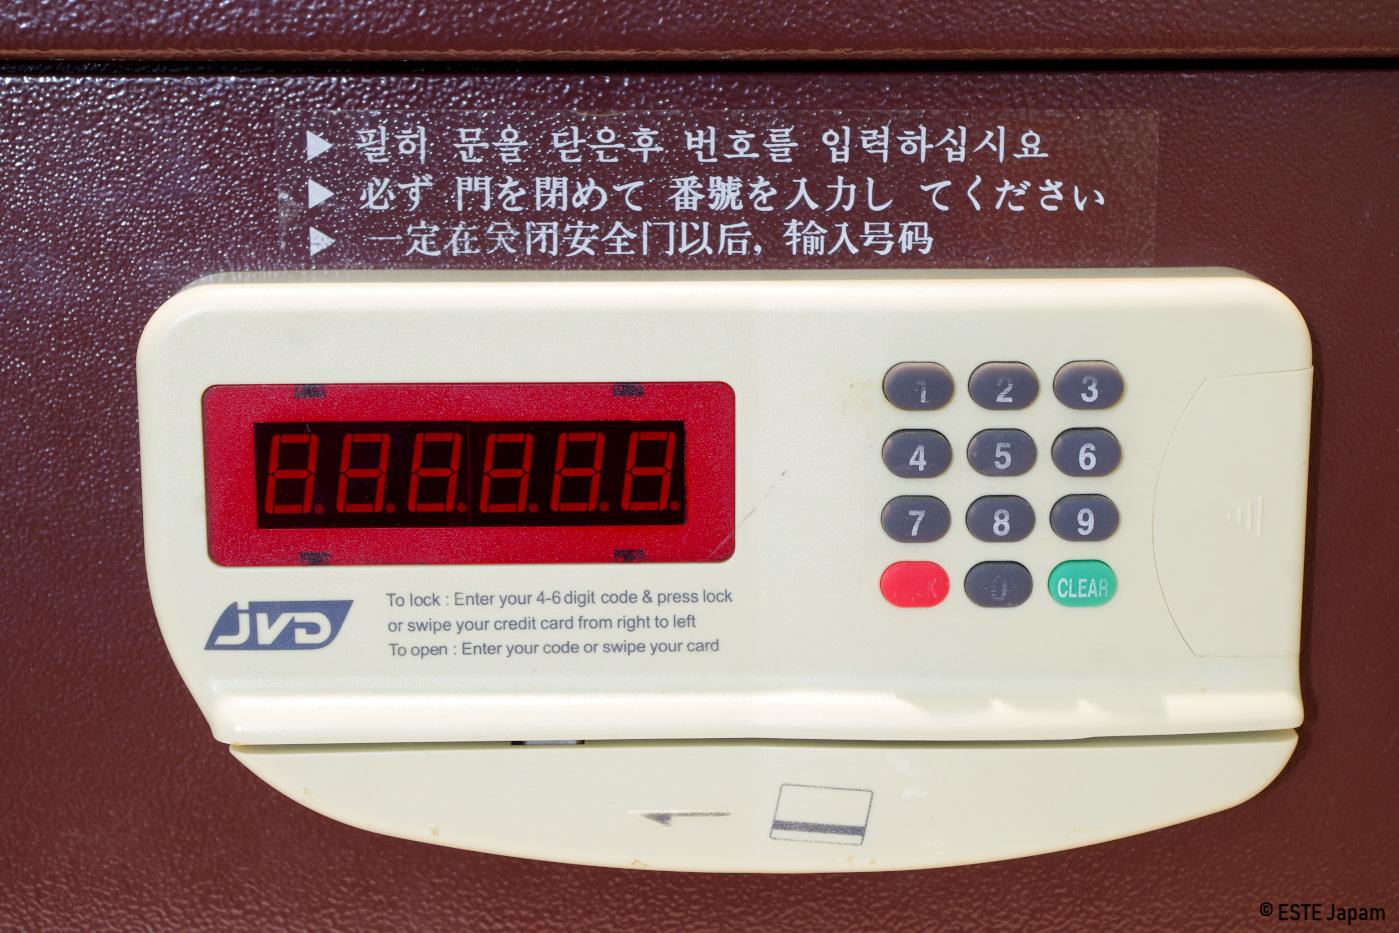 Jパークホテルの日本語表記